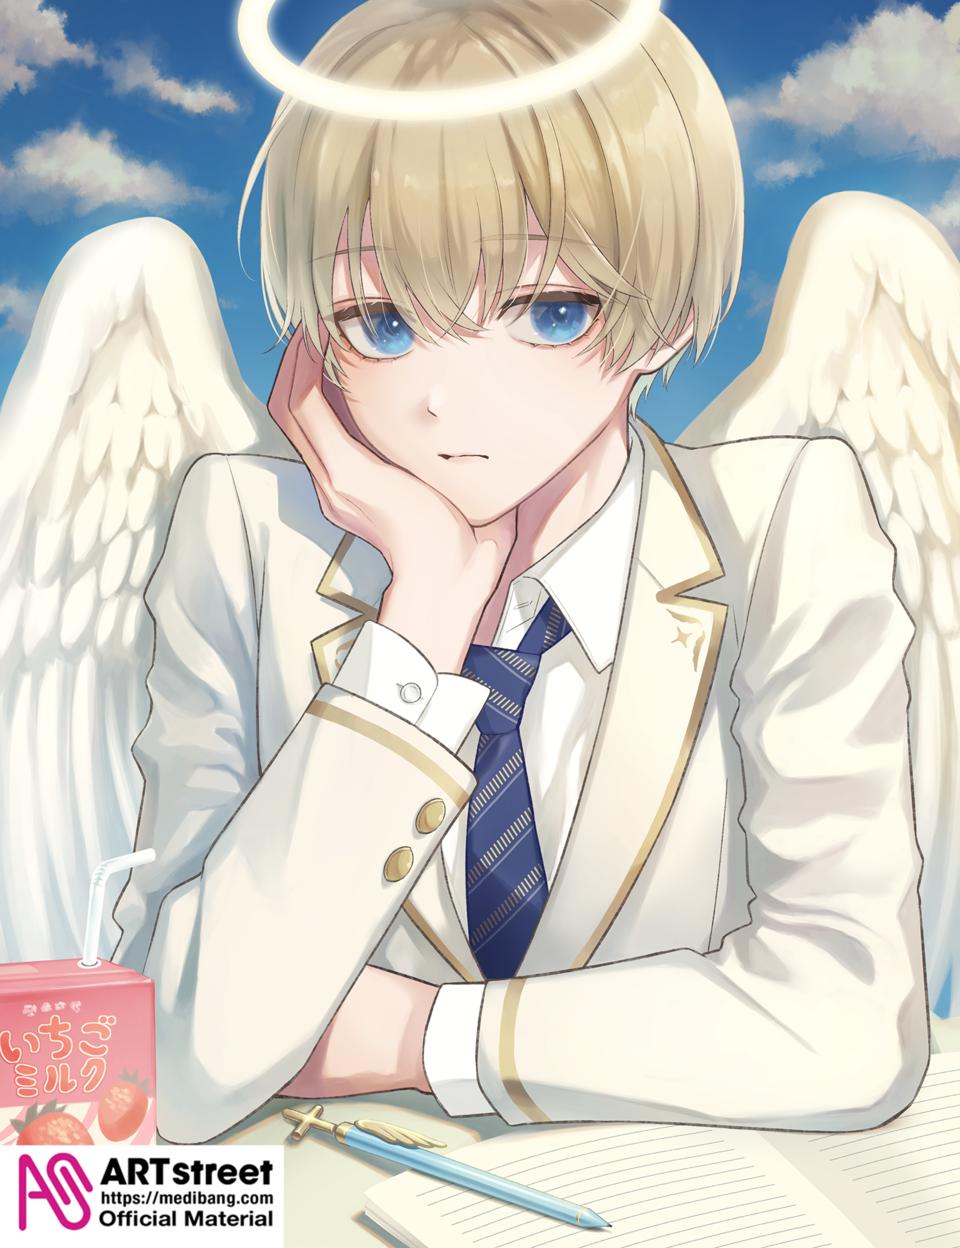 昼下がりの天使 Illust of まこ tracedrawing4th original angel Trace&Draw【Official】 boy CLIPSTUDIOPAINT oc